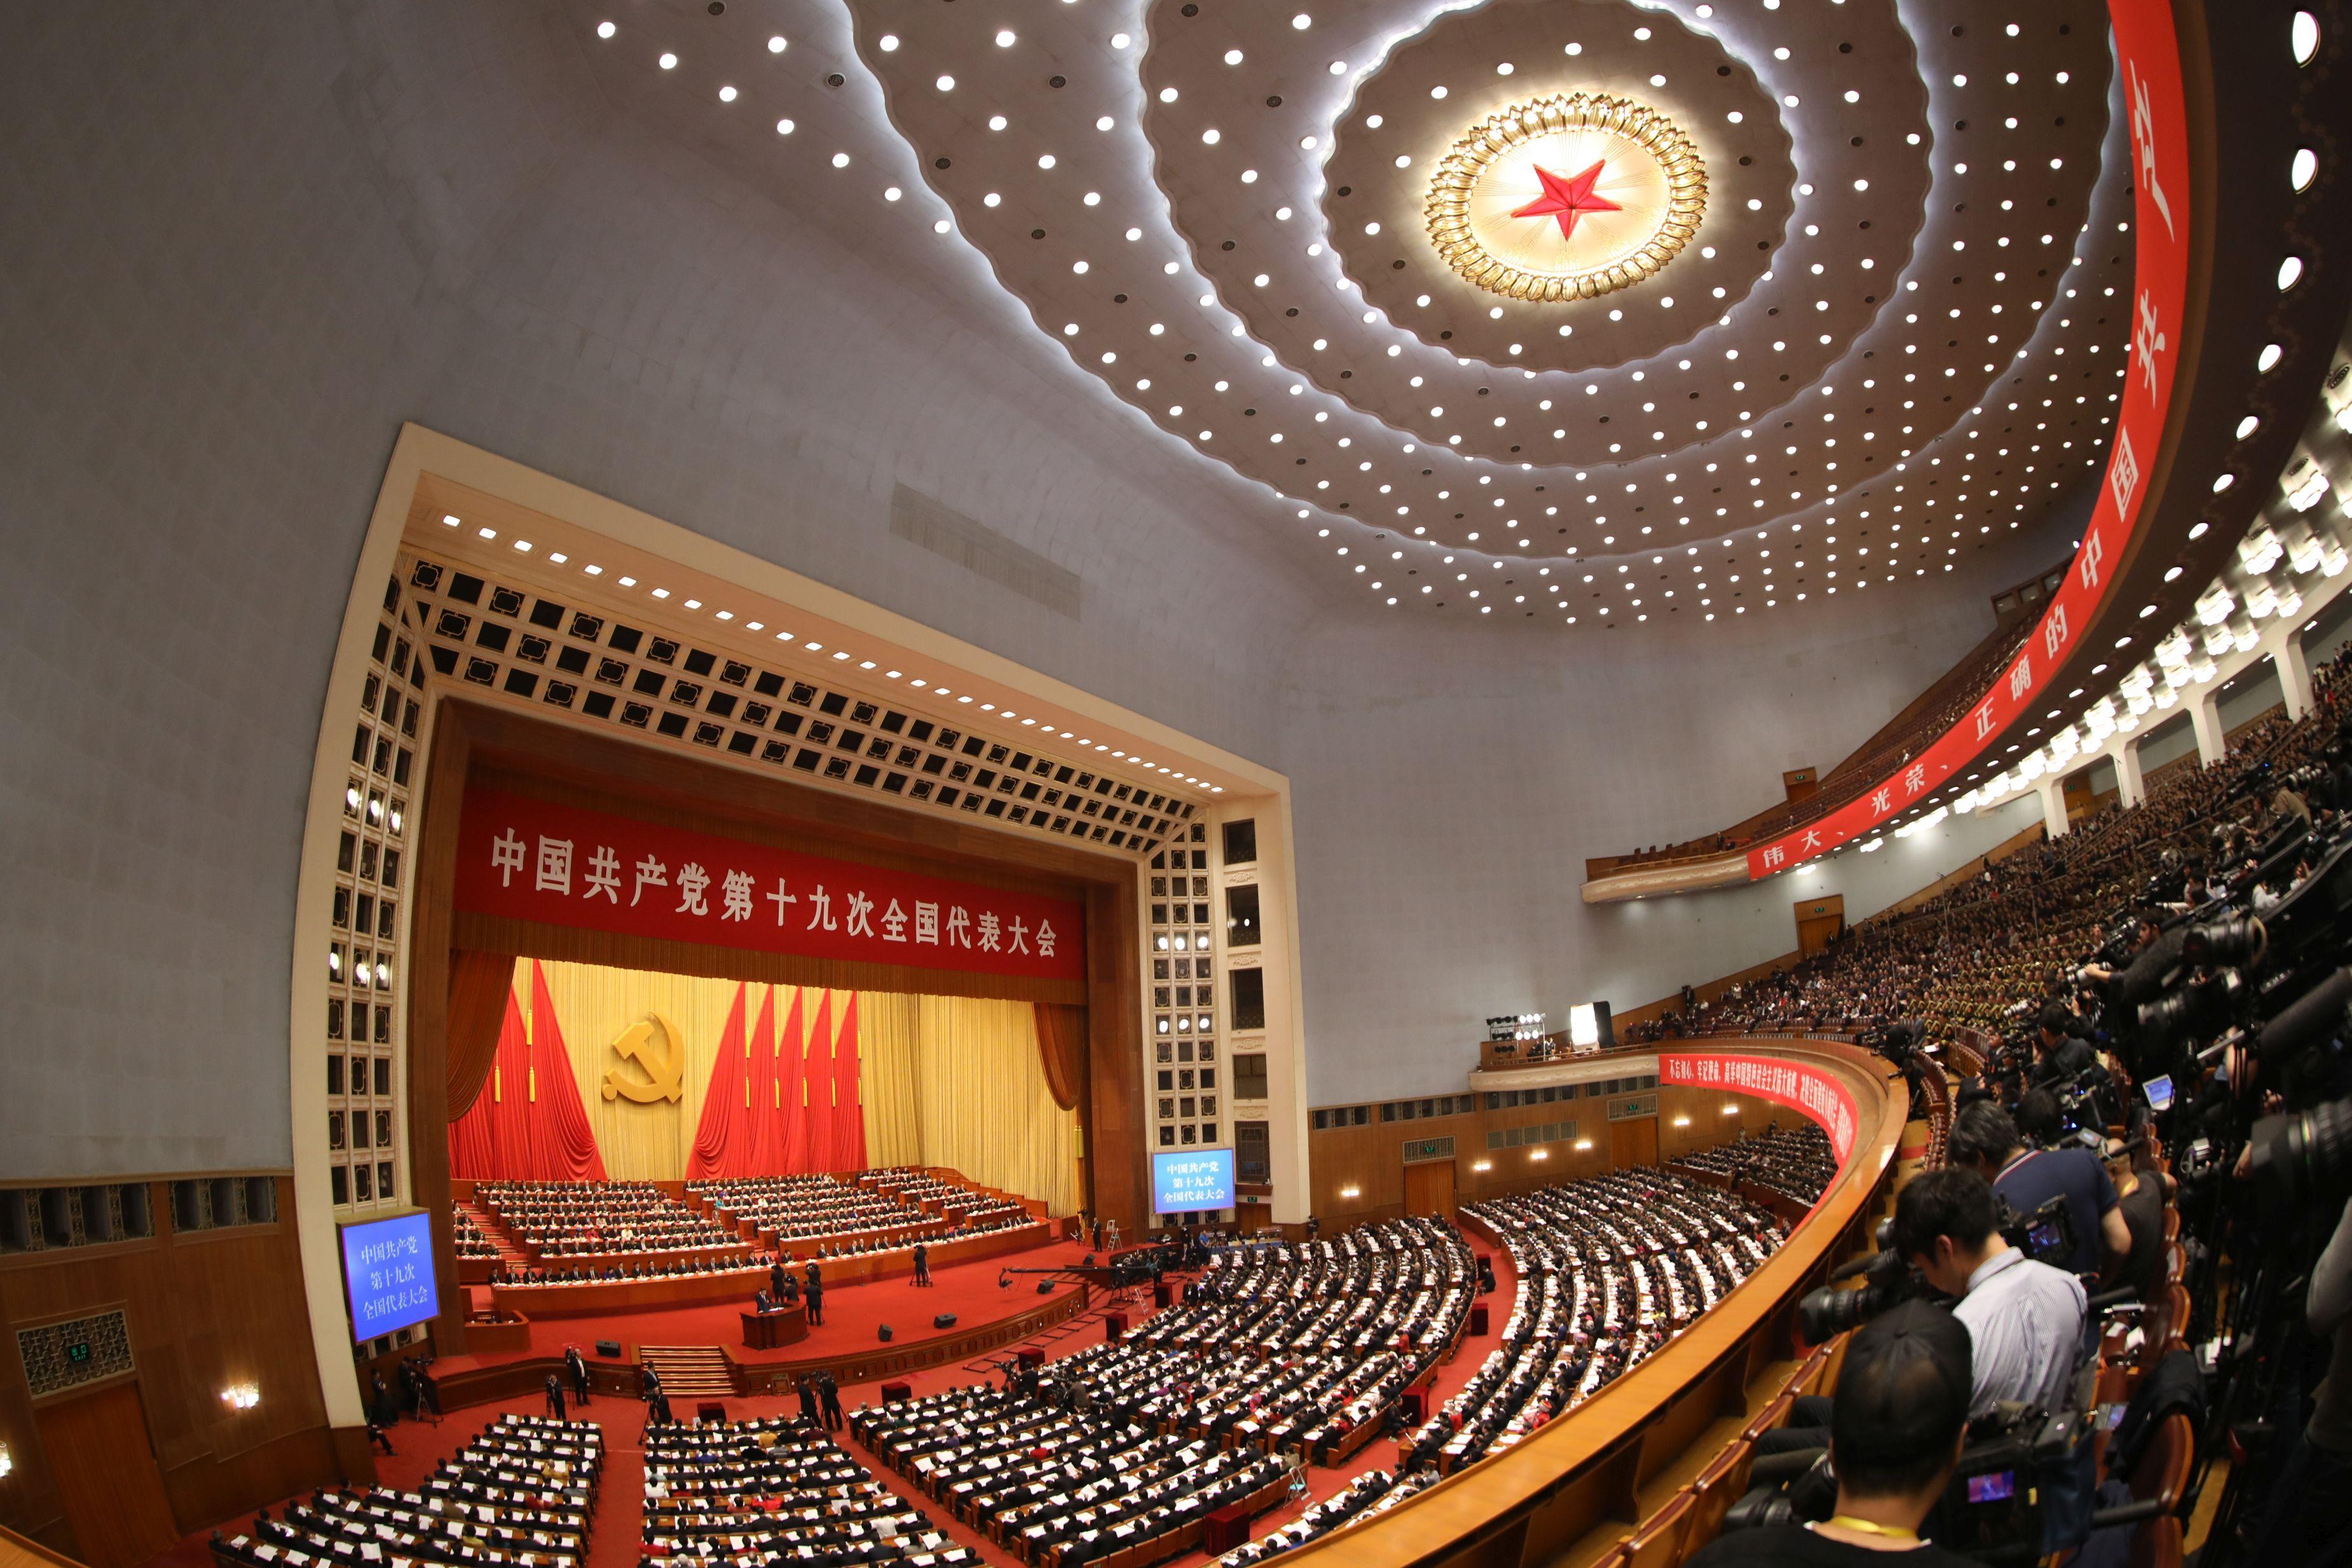 Un general chinez s-a sinucis după ce autorităţile au deschis o anchetă vizând presupuse fapte de corupţie în care acesta era implicat